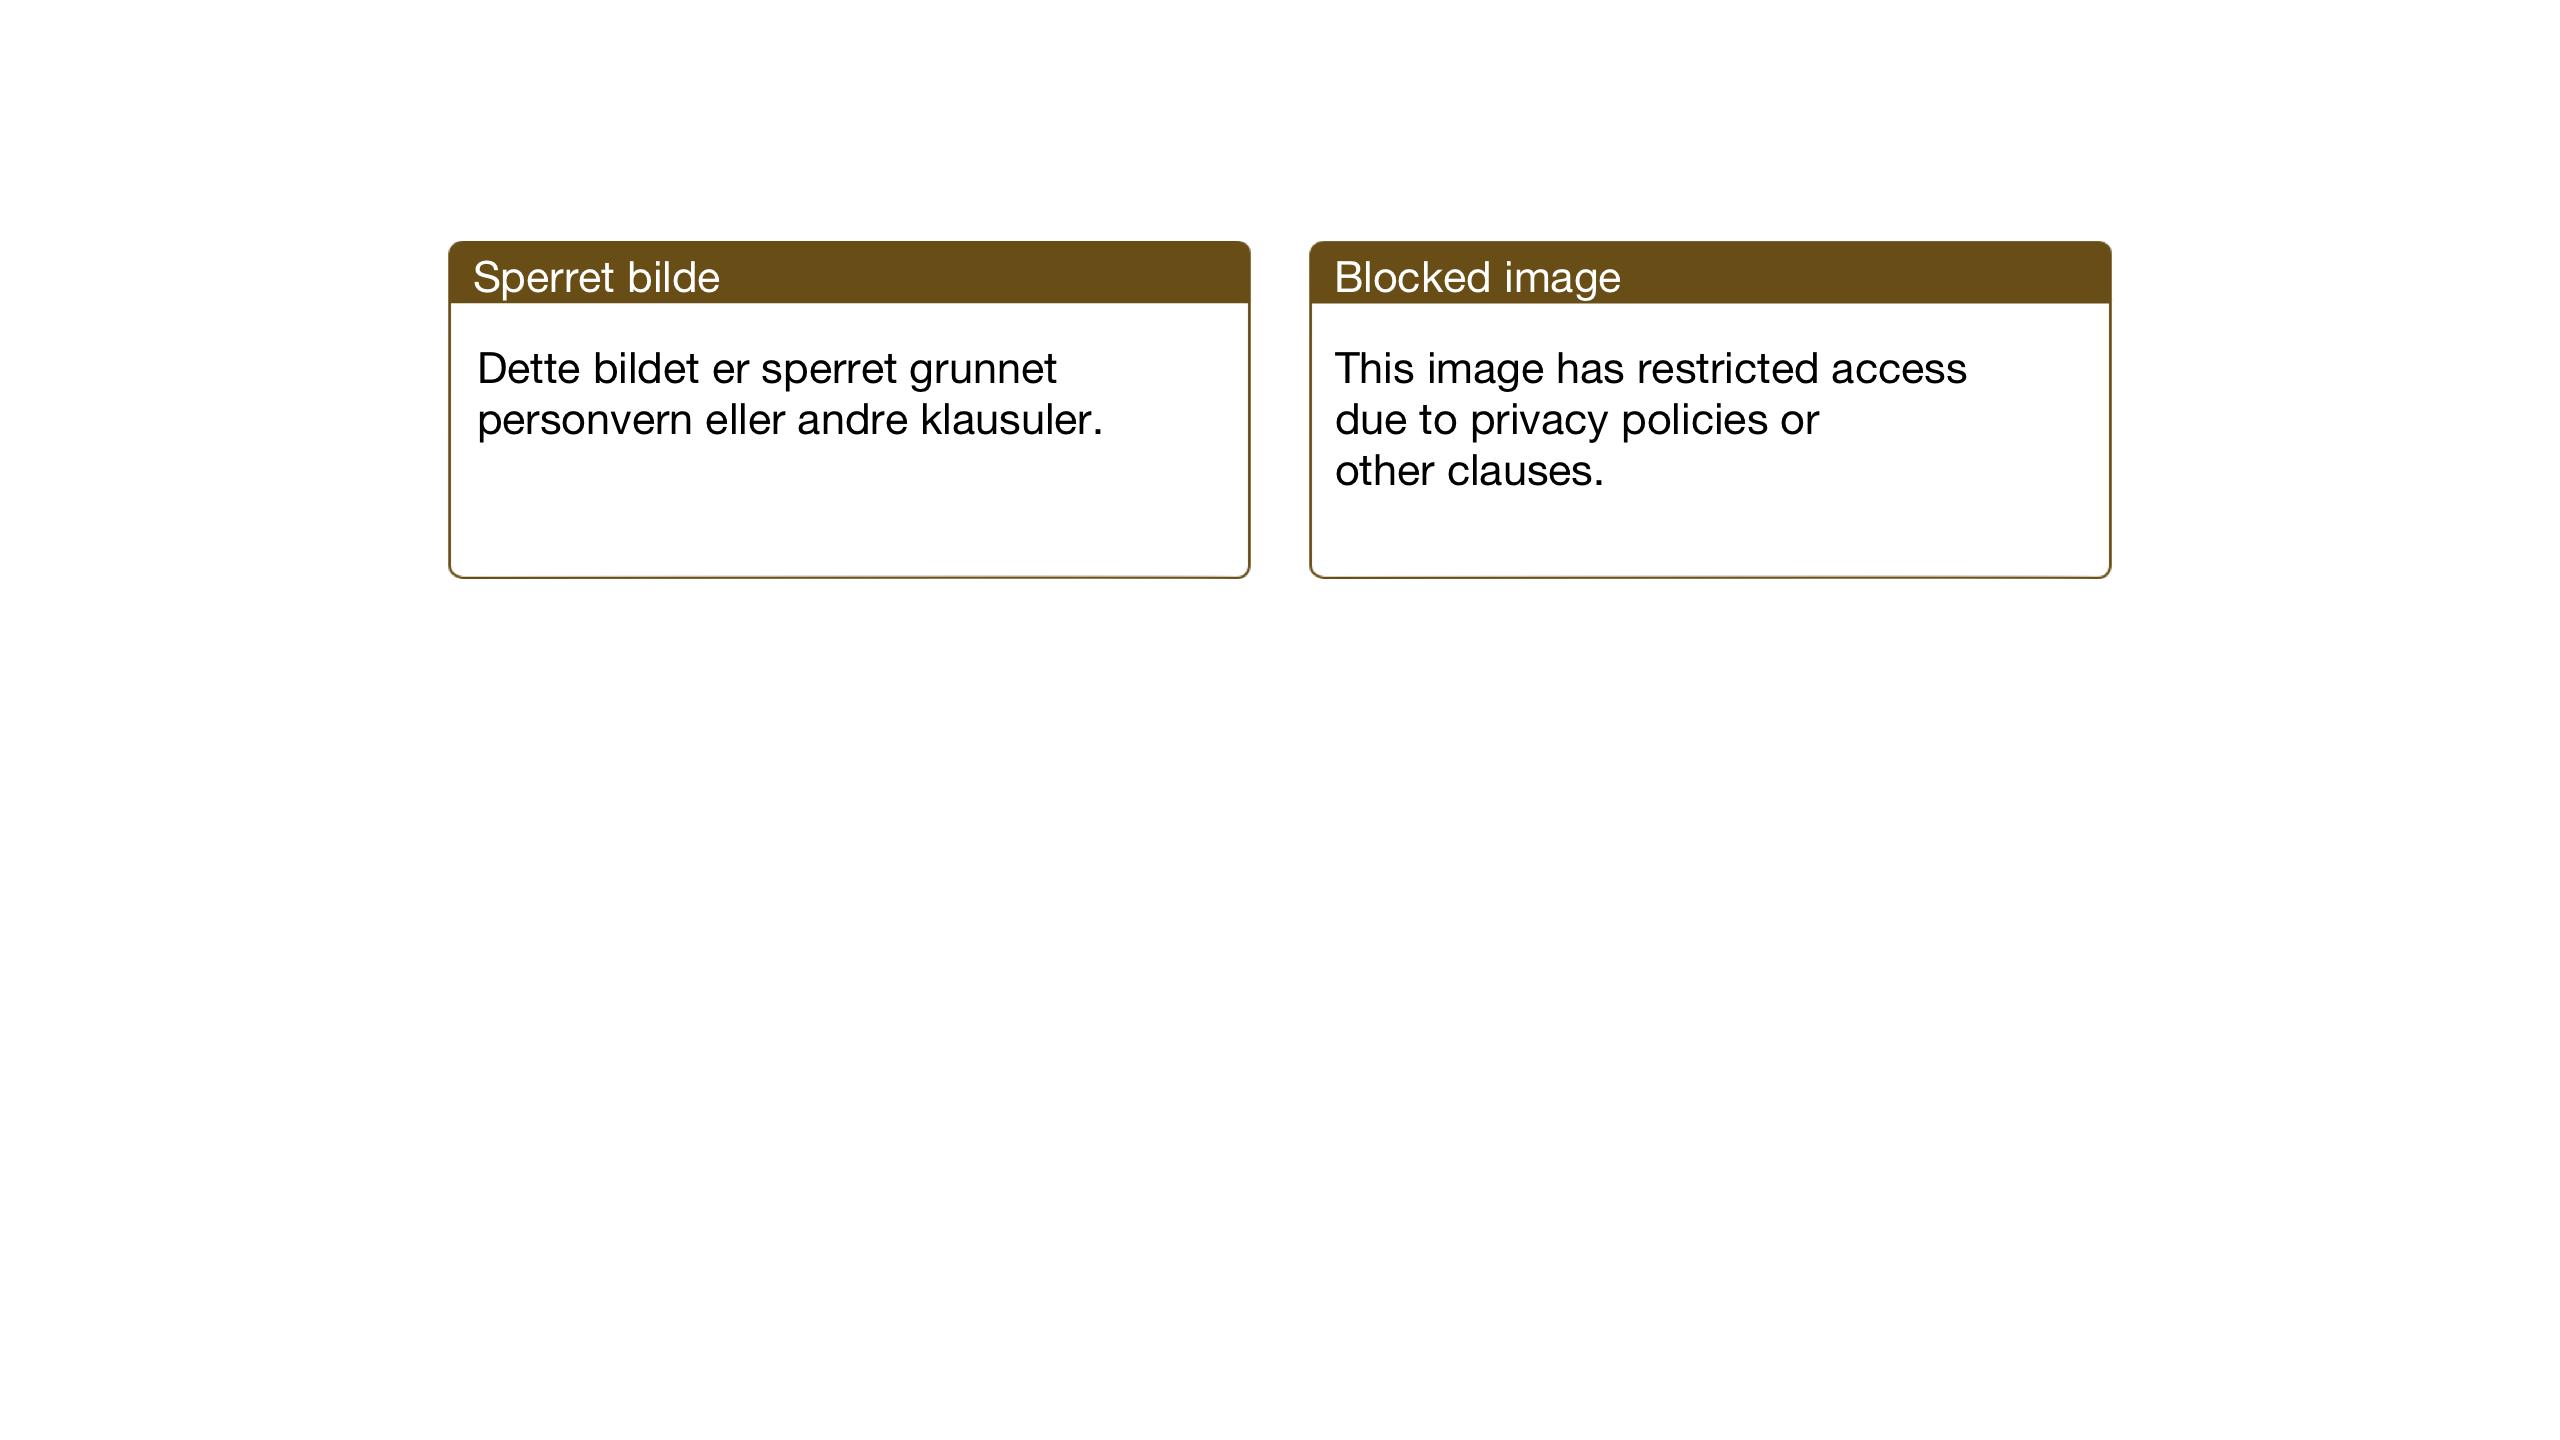 SAT, Ministerialprotokoller, klokkerbøker og fødselsregistre - Nord-Trøndelag, 773/L0625: Klokkerbok nr. 773C01, 1910-1952, s. 98